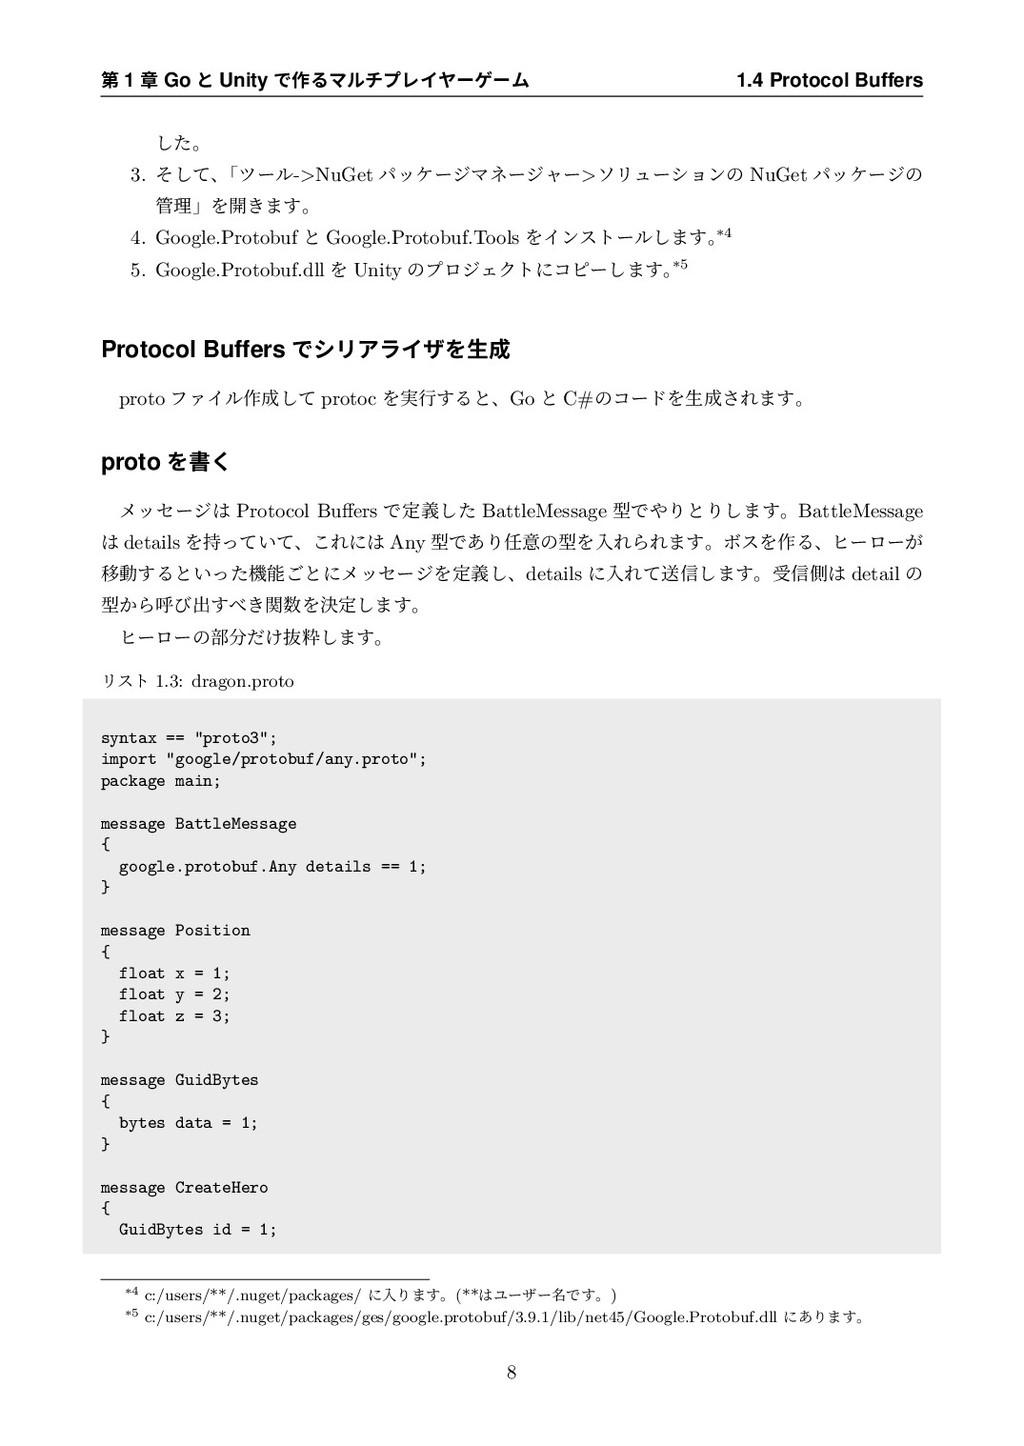 第 1 章 Go と Unity で作るマルチプレイヤーゲーム 1.4 Protocol Bu...